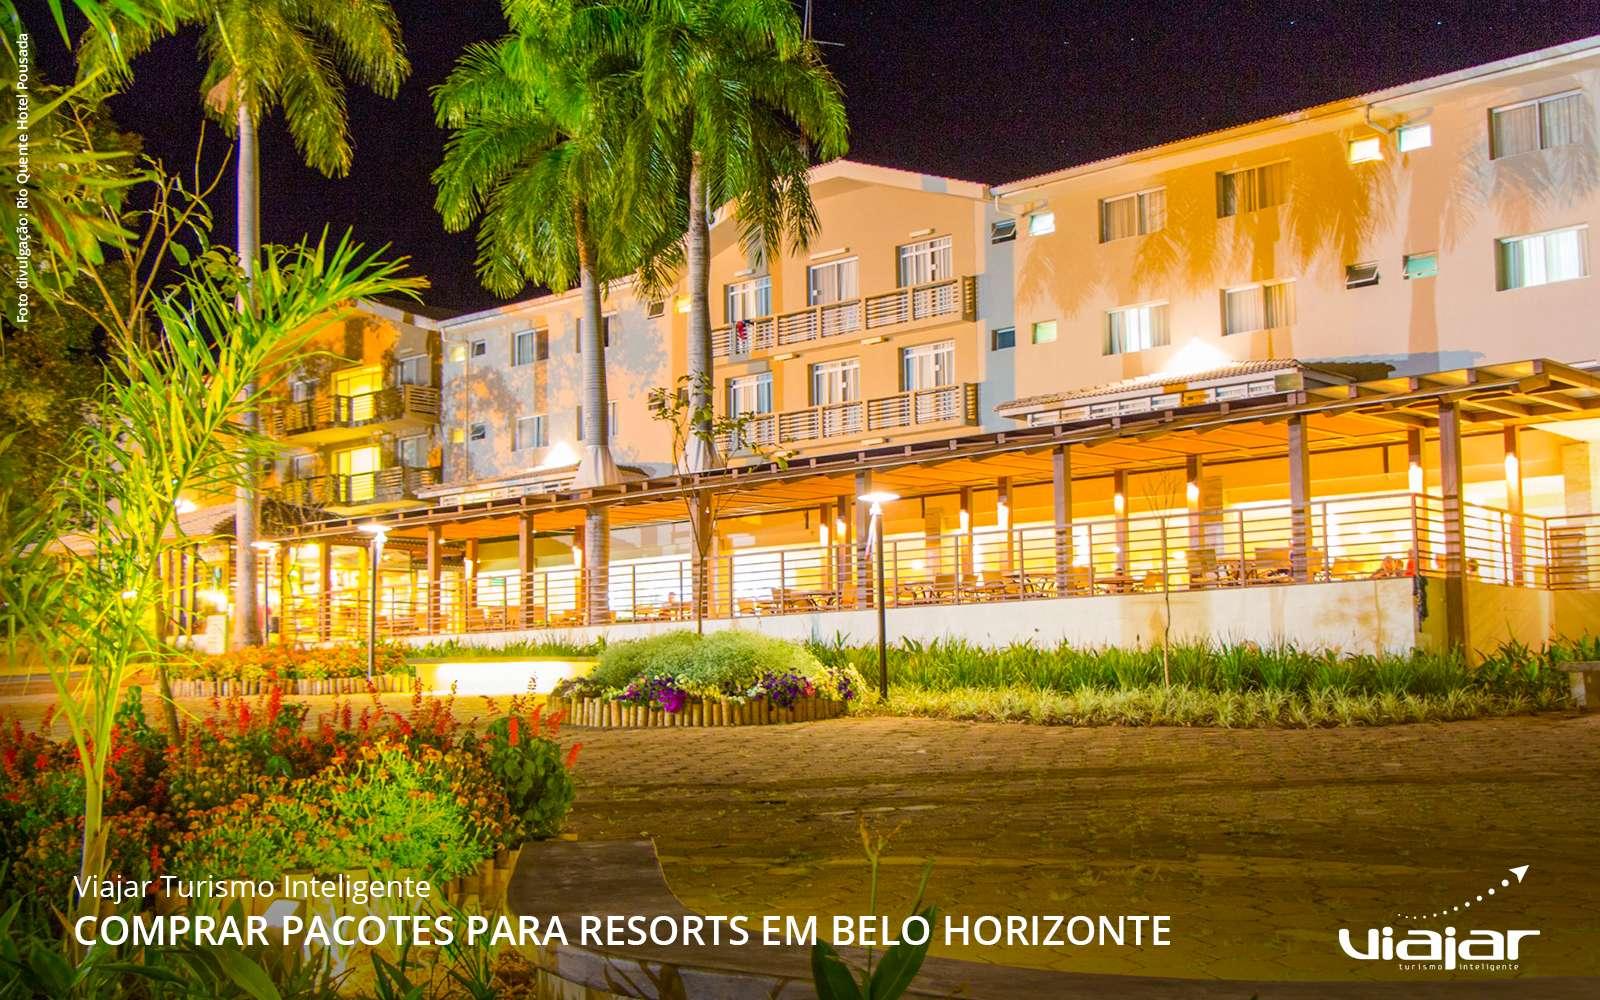 viajar-turismo-inteligente-comprar-pacotes-resorts-belo-horizonte-minas-gerais-14-1